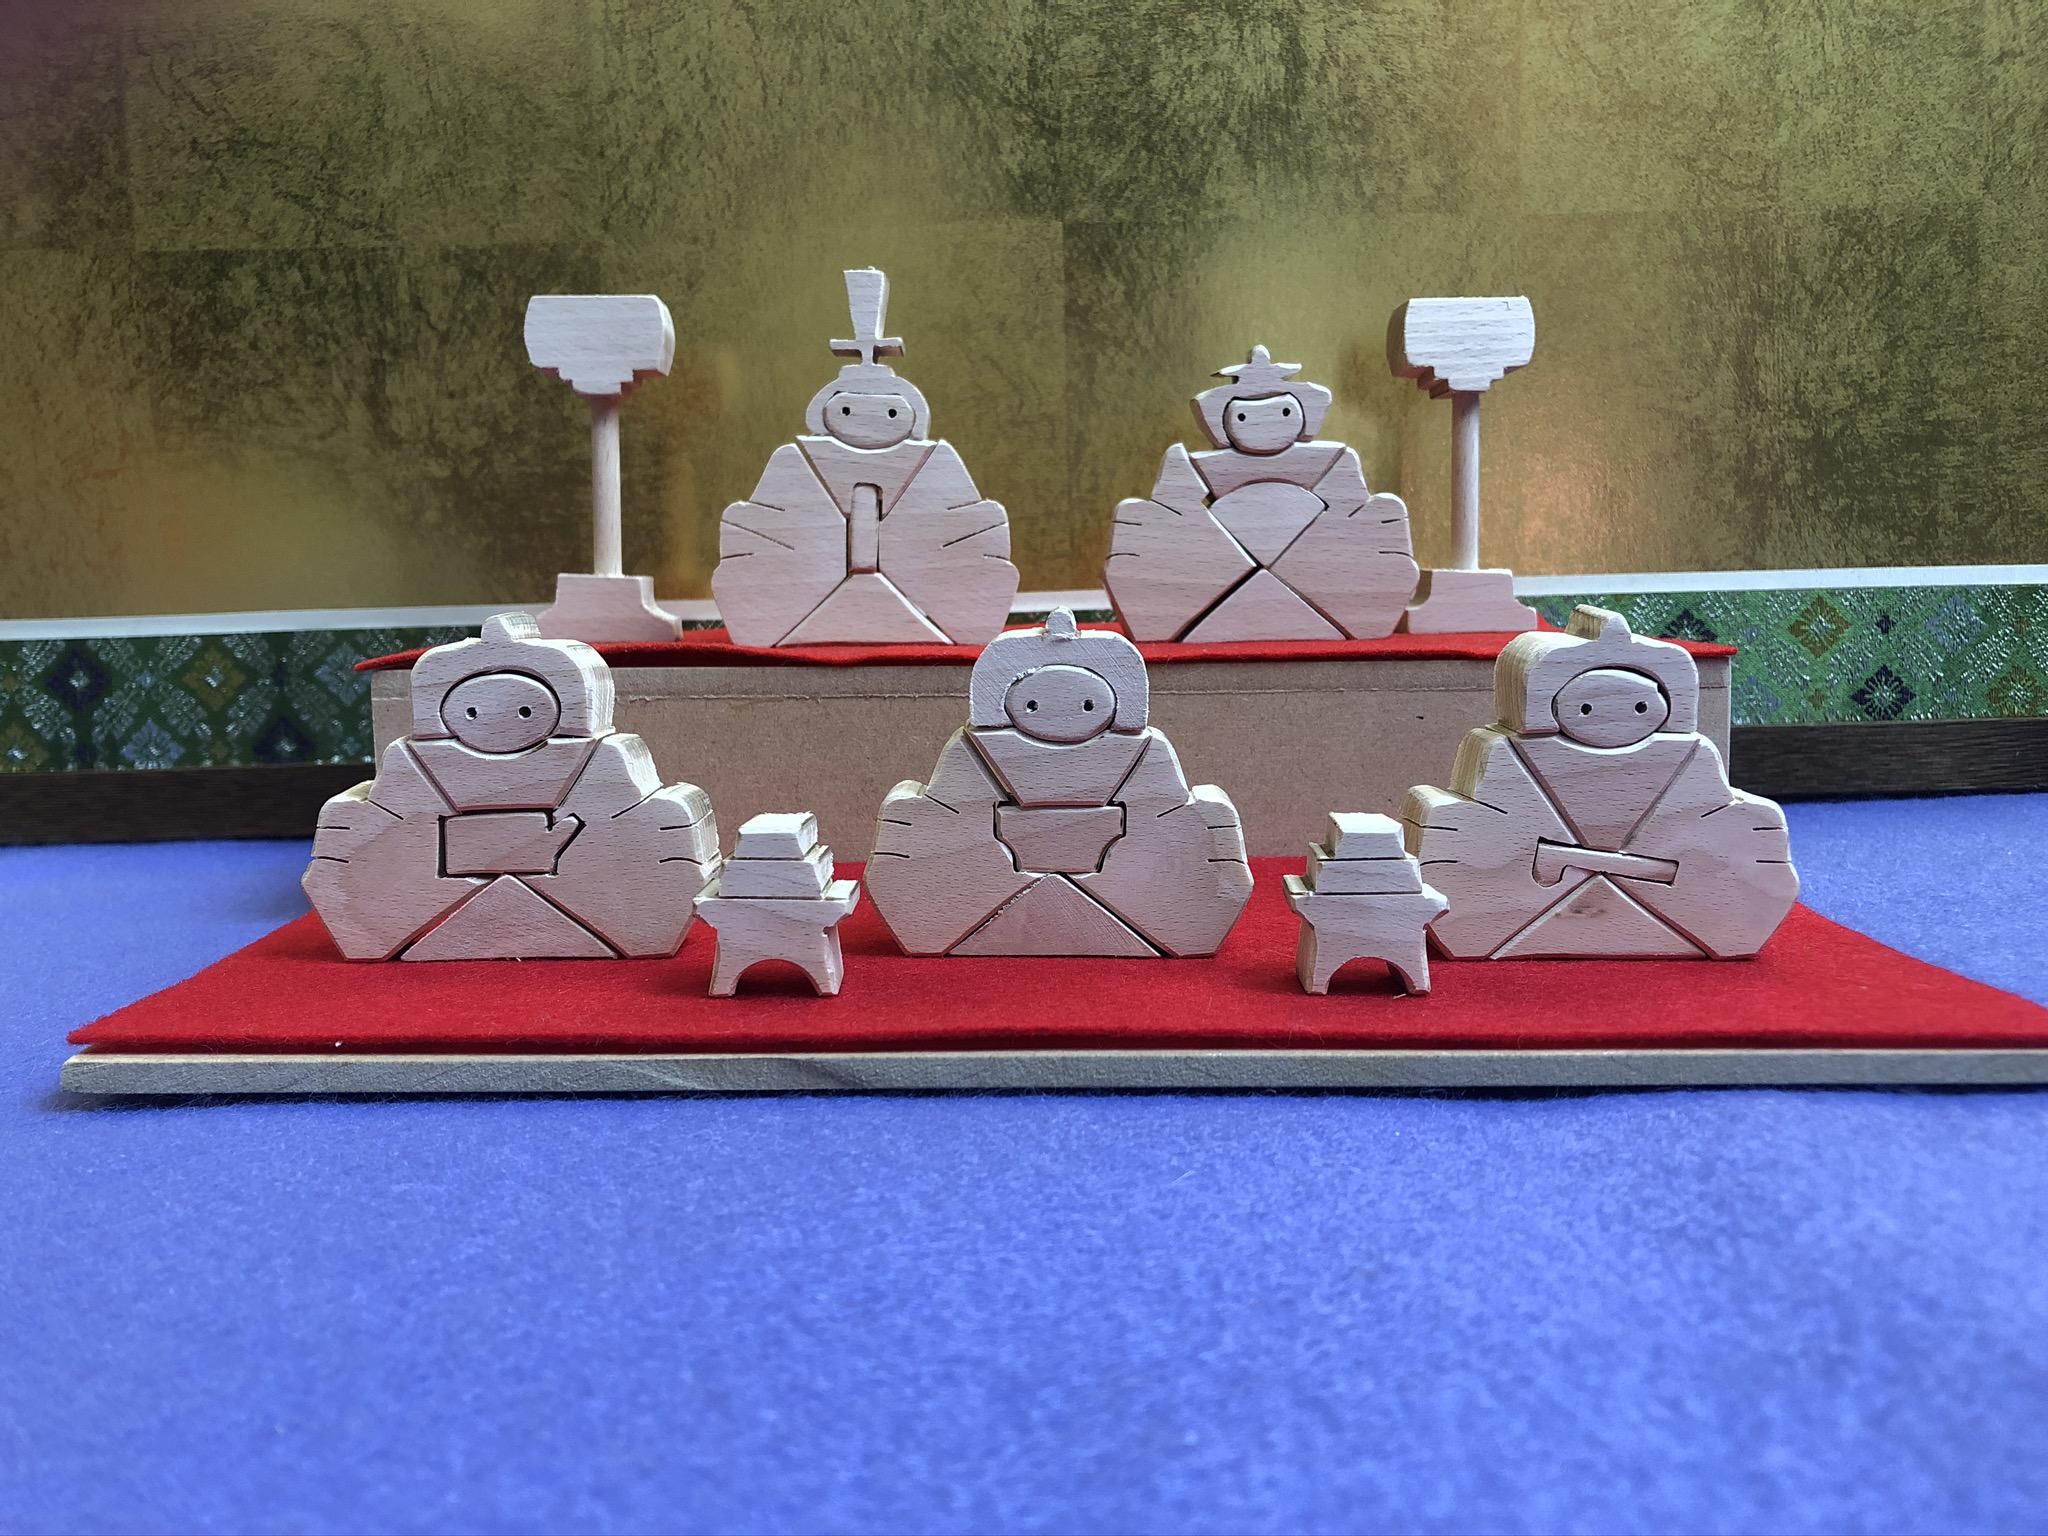 知育玩具 伝統工芸品 公式ストア 1点もの 新作通販 ☆送料無料 ひな人形 ペイント用